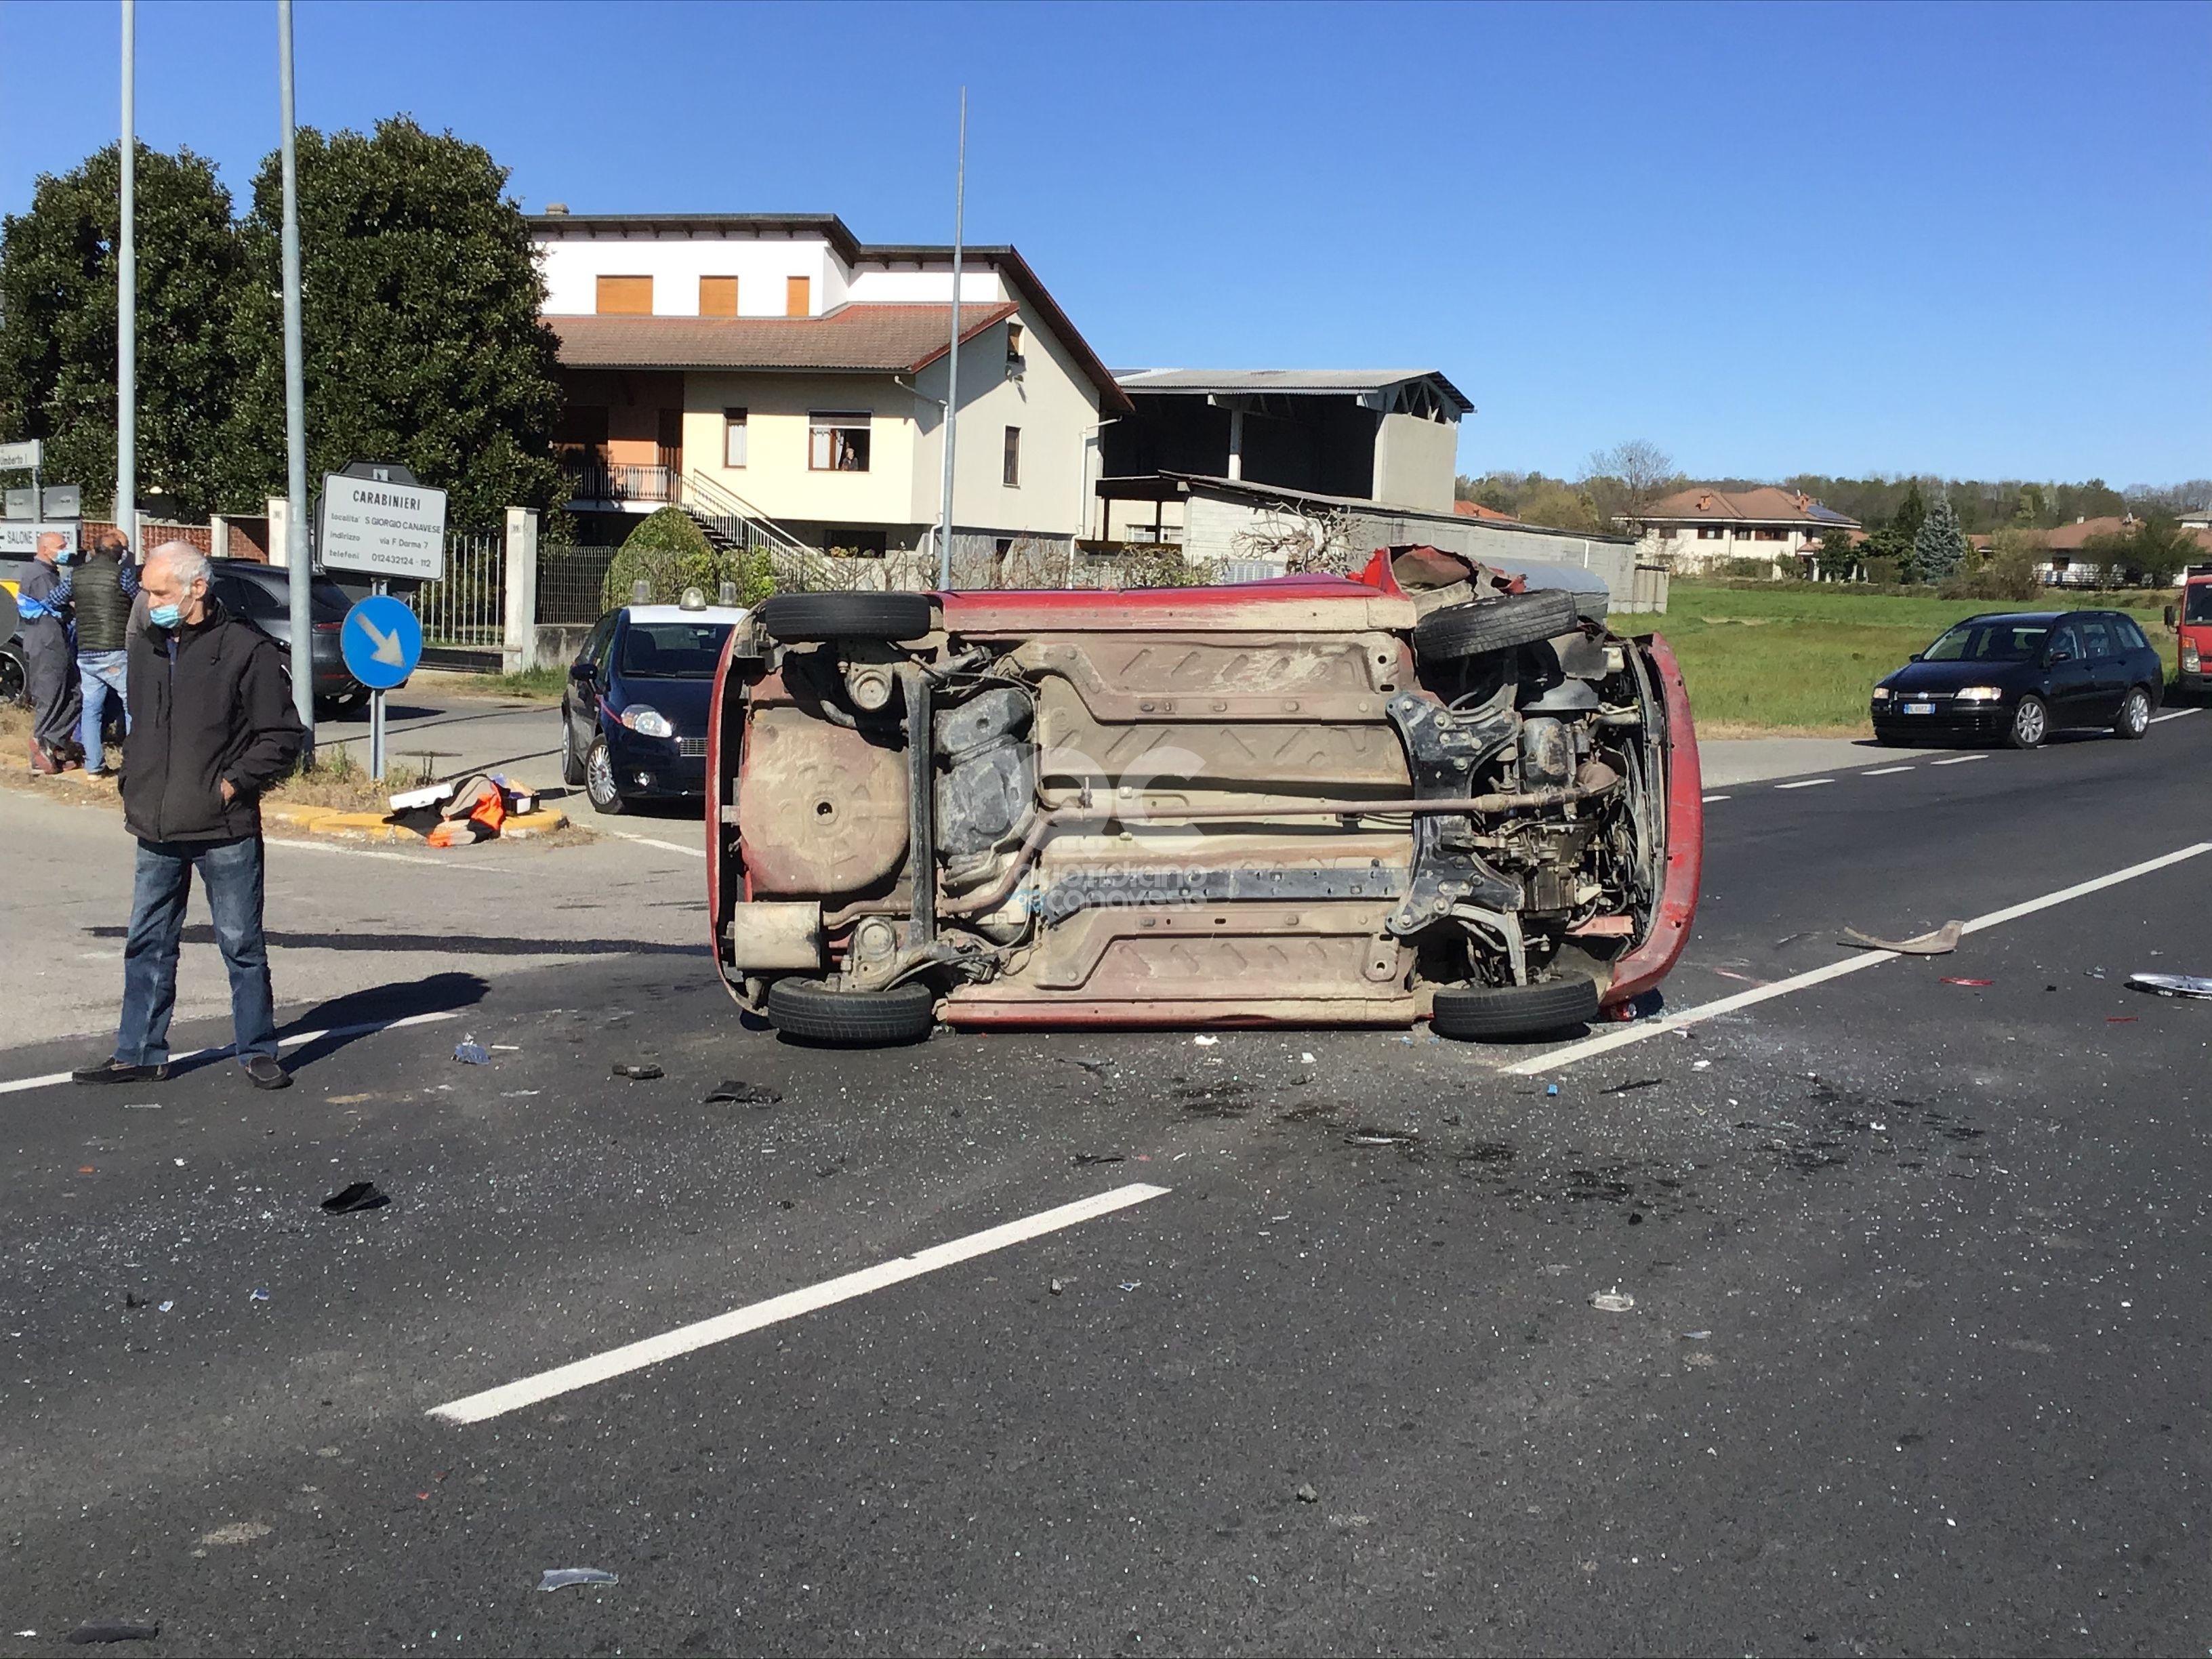 SAN GIORGIO CANAVESE - Brutto incidente stradale sulla provinciale: quattro feriti - FOTO